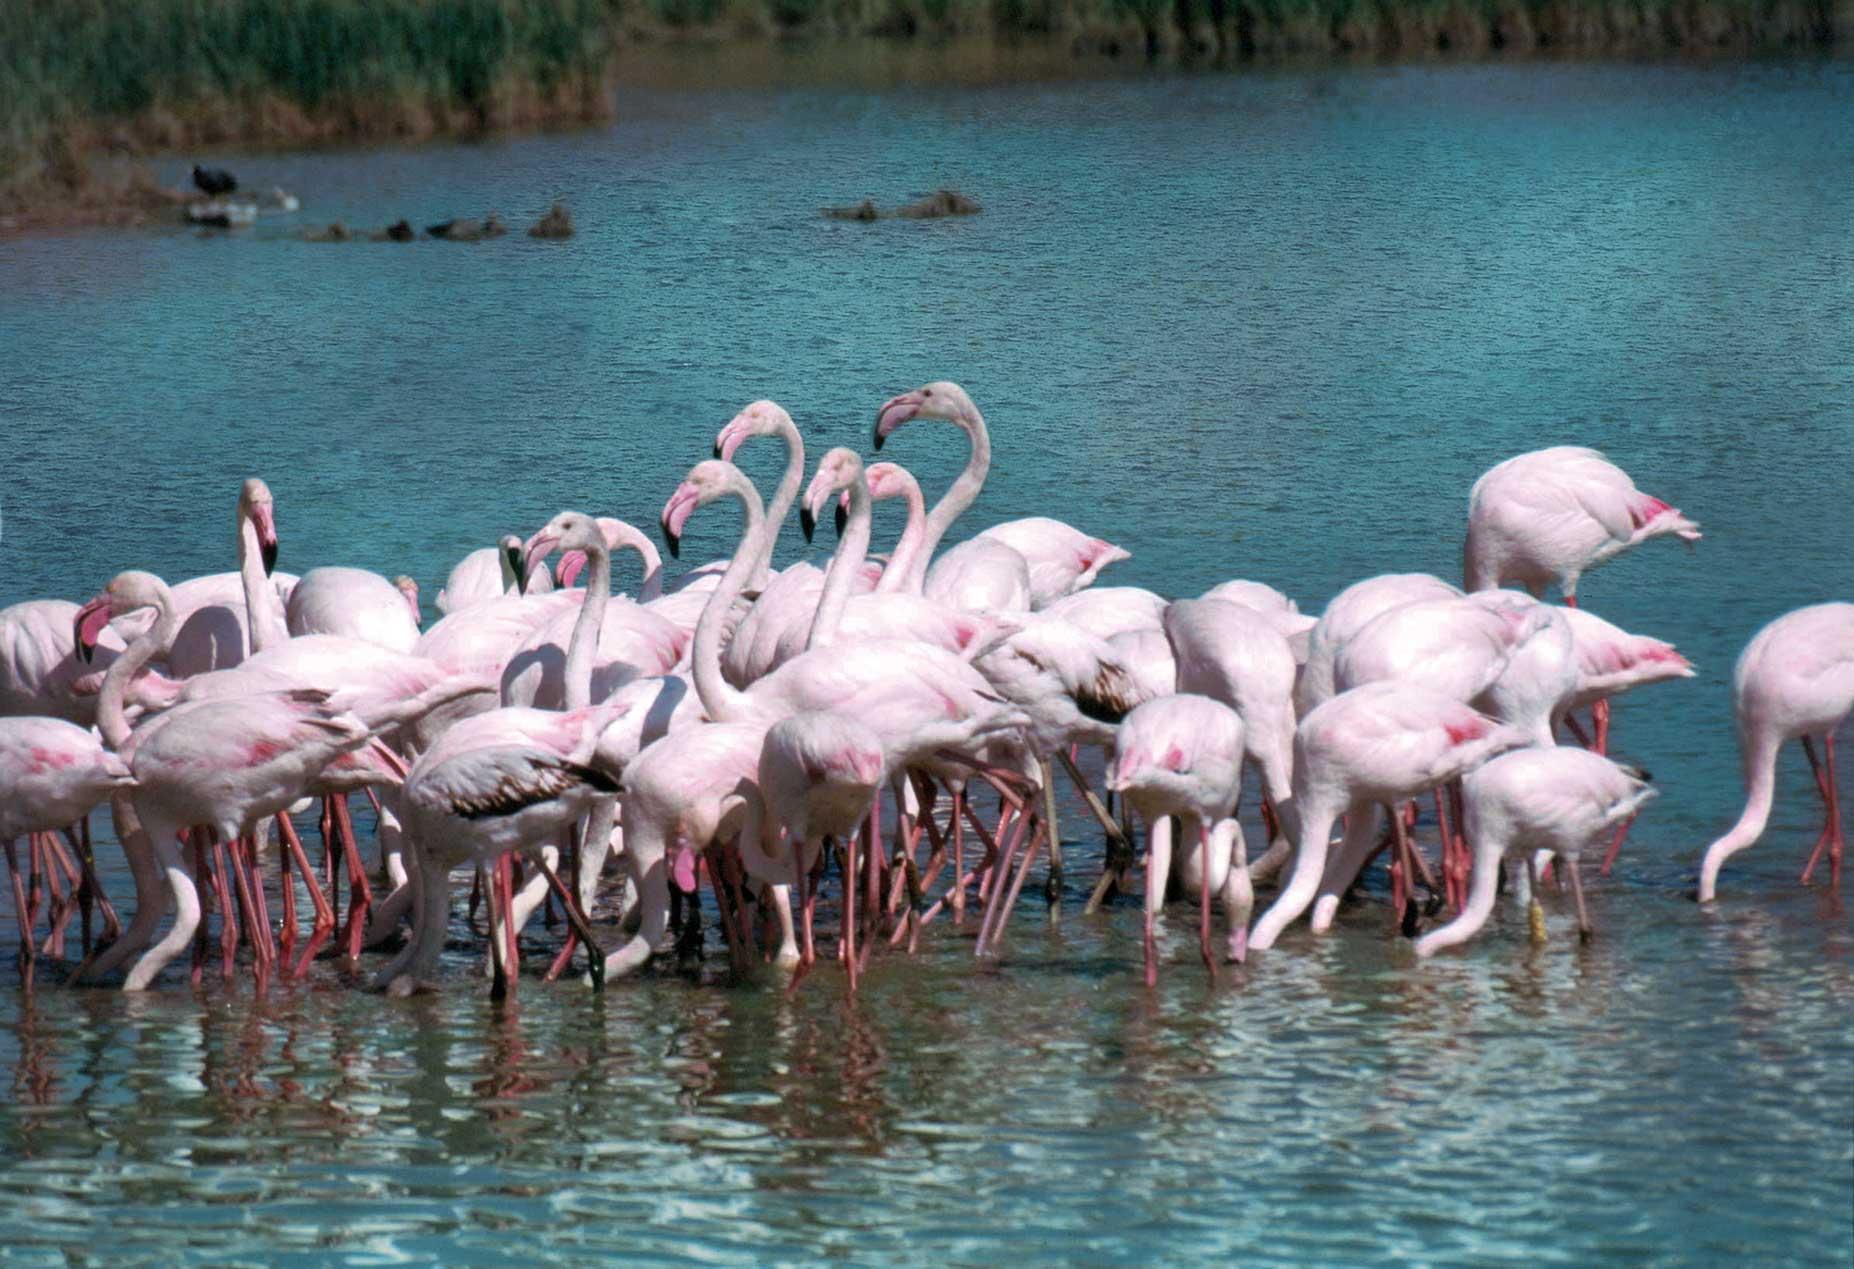 Di tutti i Delta un Po: settembre invita al viaggio fra i canali e le isole del Parco. E a Comacchio è gran festa per l'anguilla